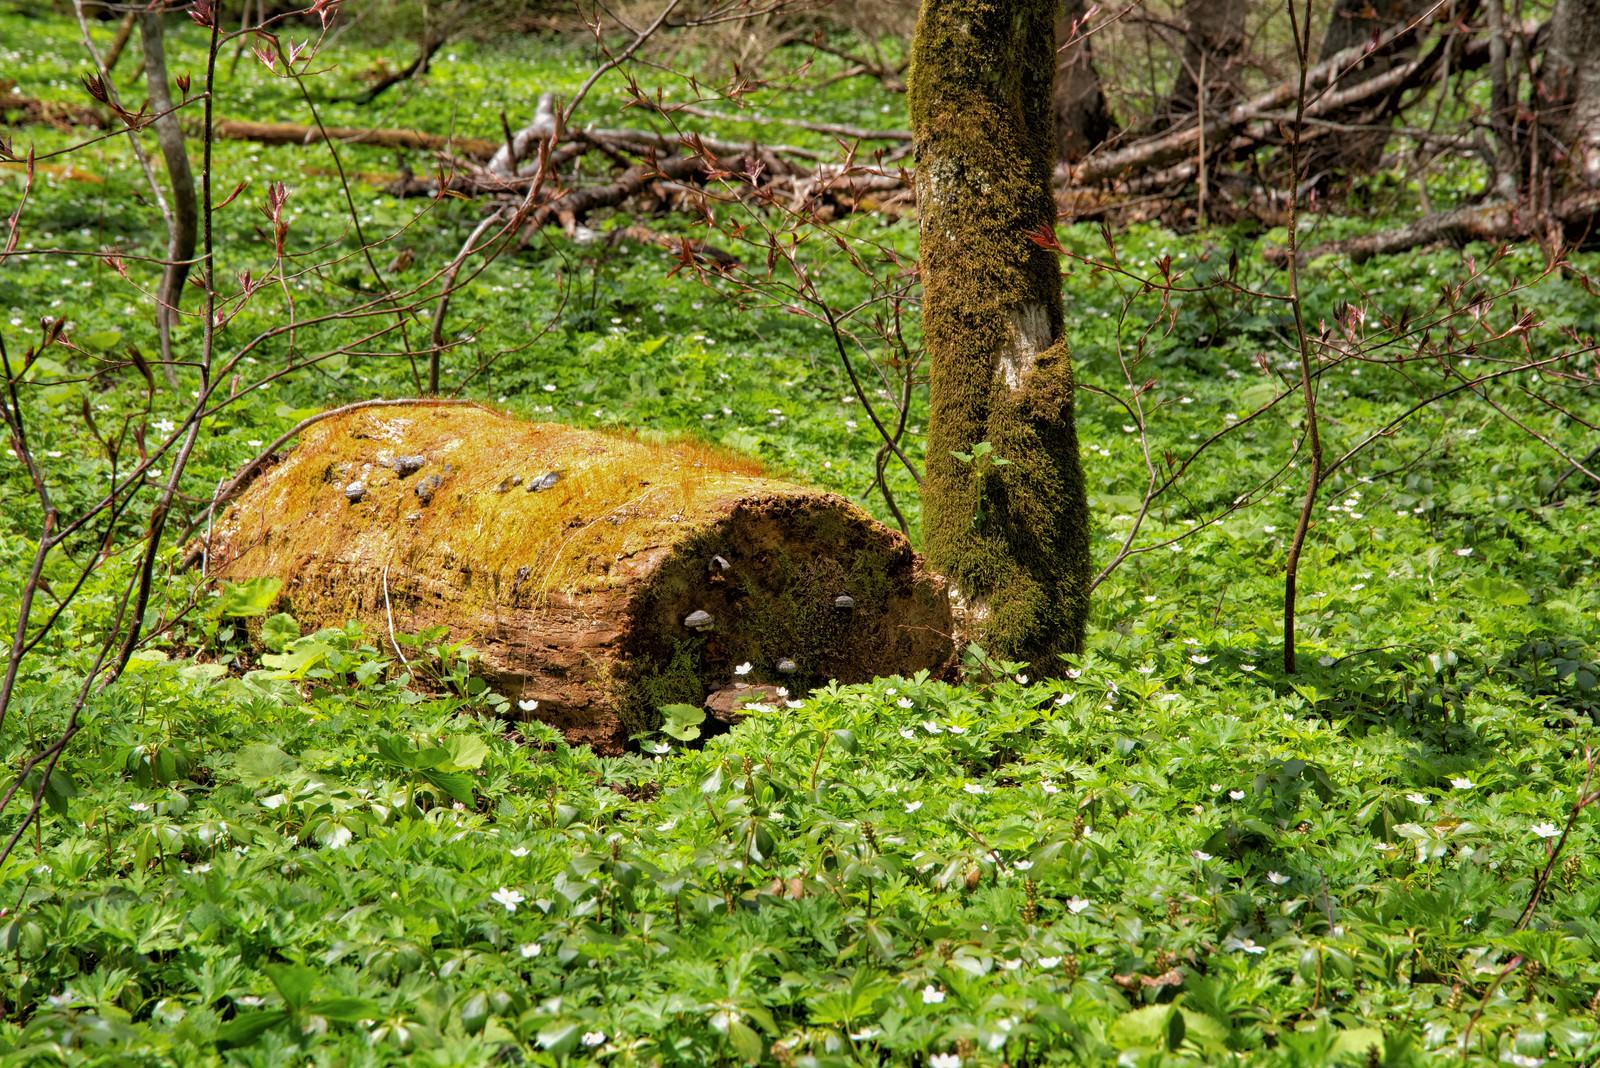 「苔生す倒木と咲き乱れるニリンソウ」の写真